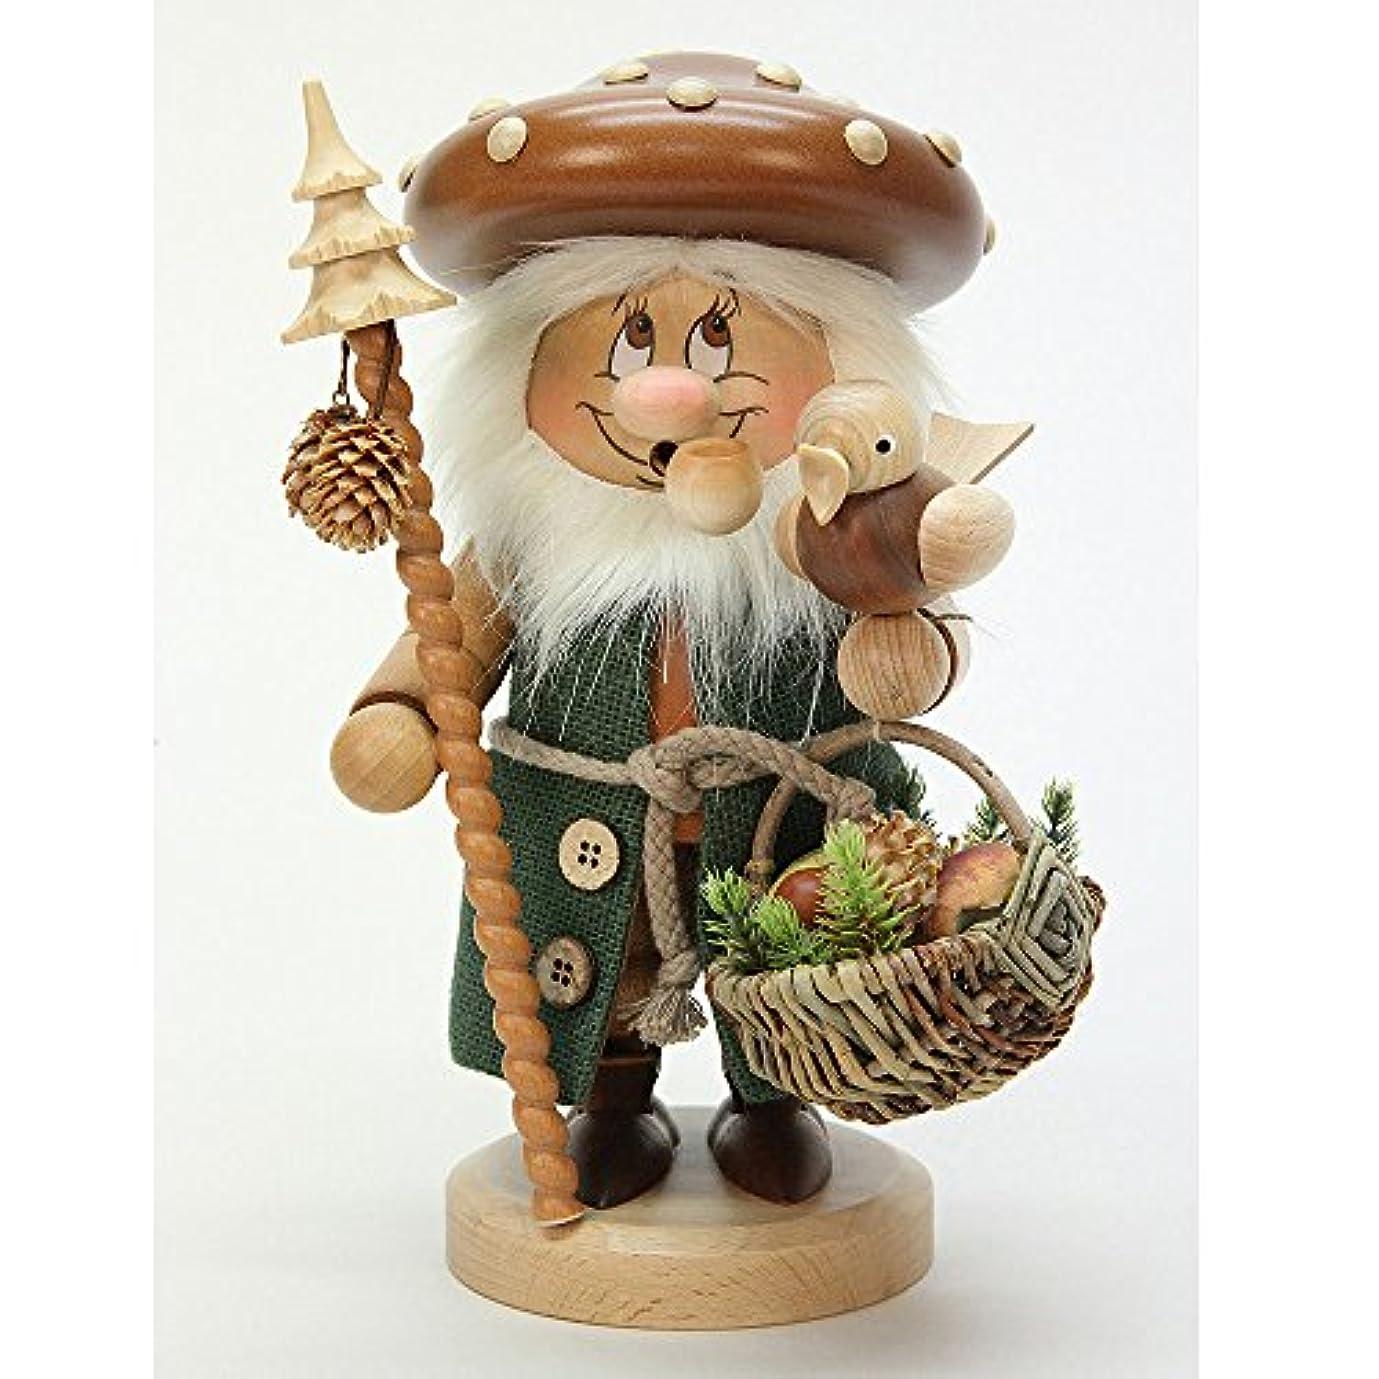 地震突撃ホームレスドイツ語喫煙者Incense GnomeマッシュルームMan – 27 cm / 11インチ – Christian Ulbricht